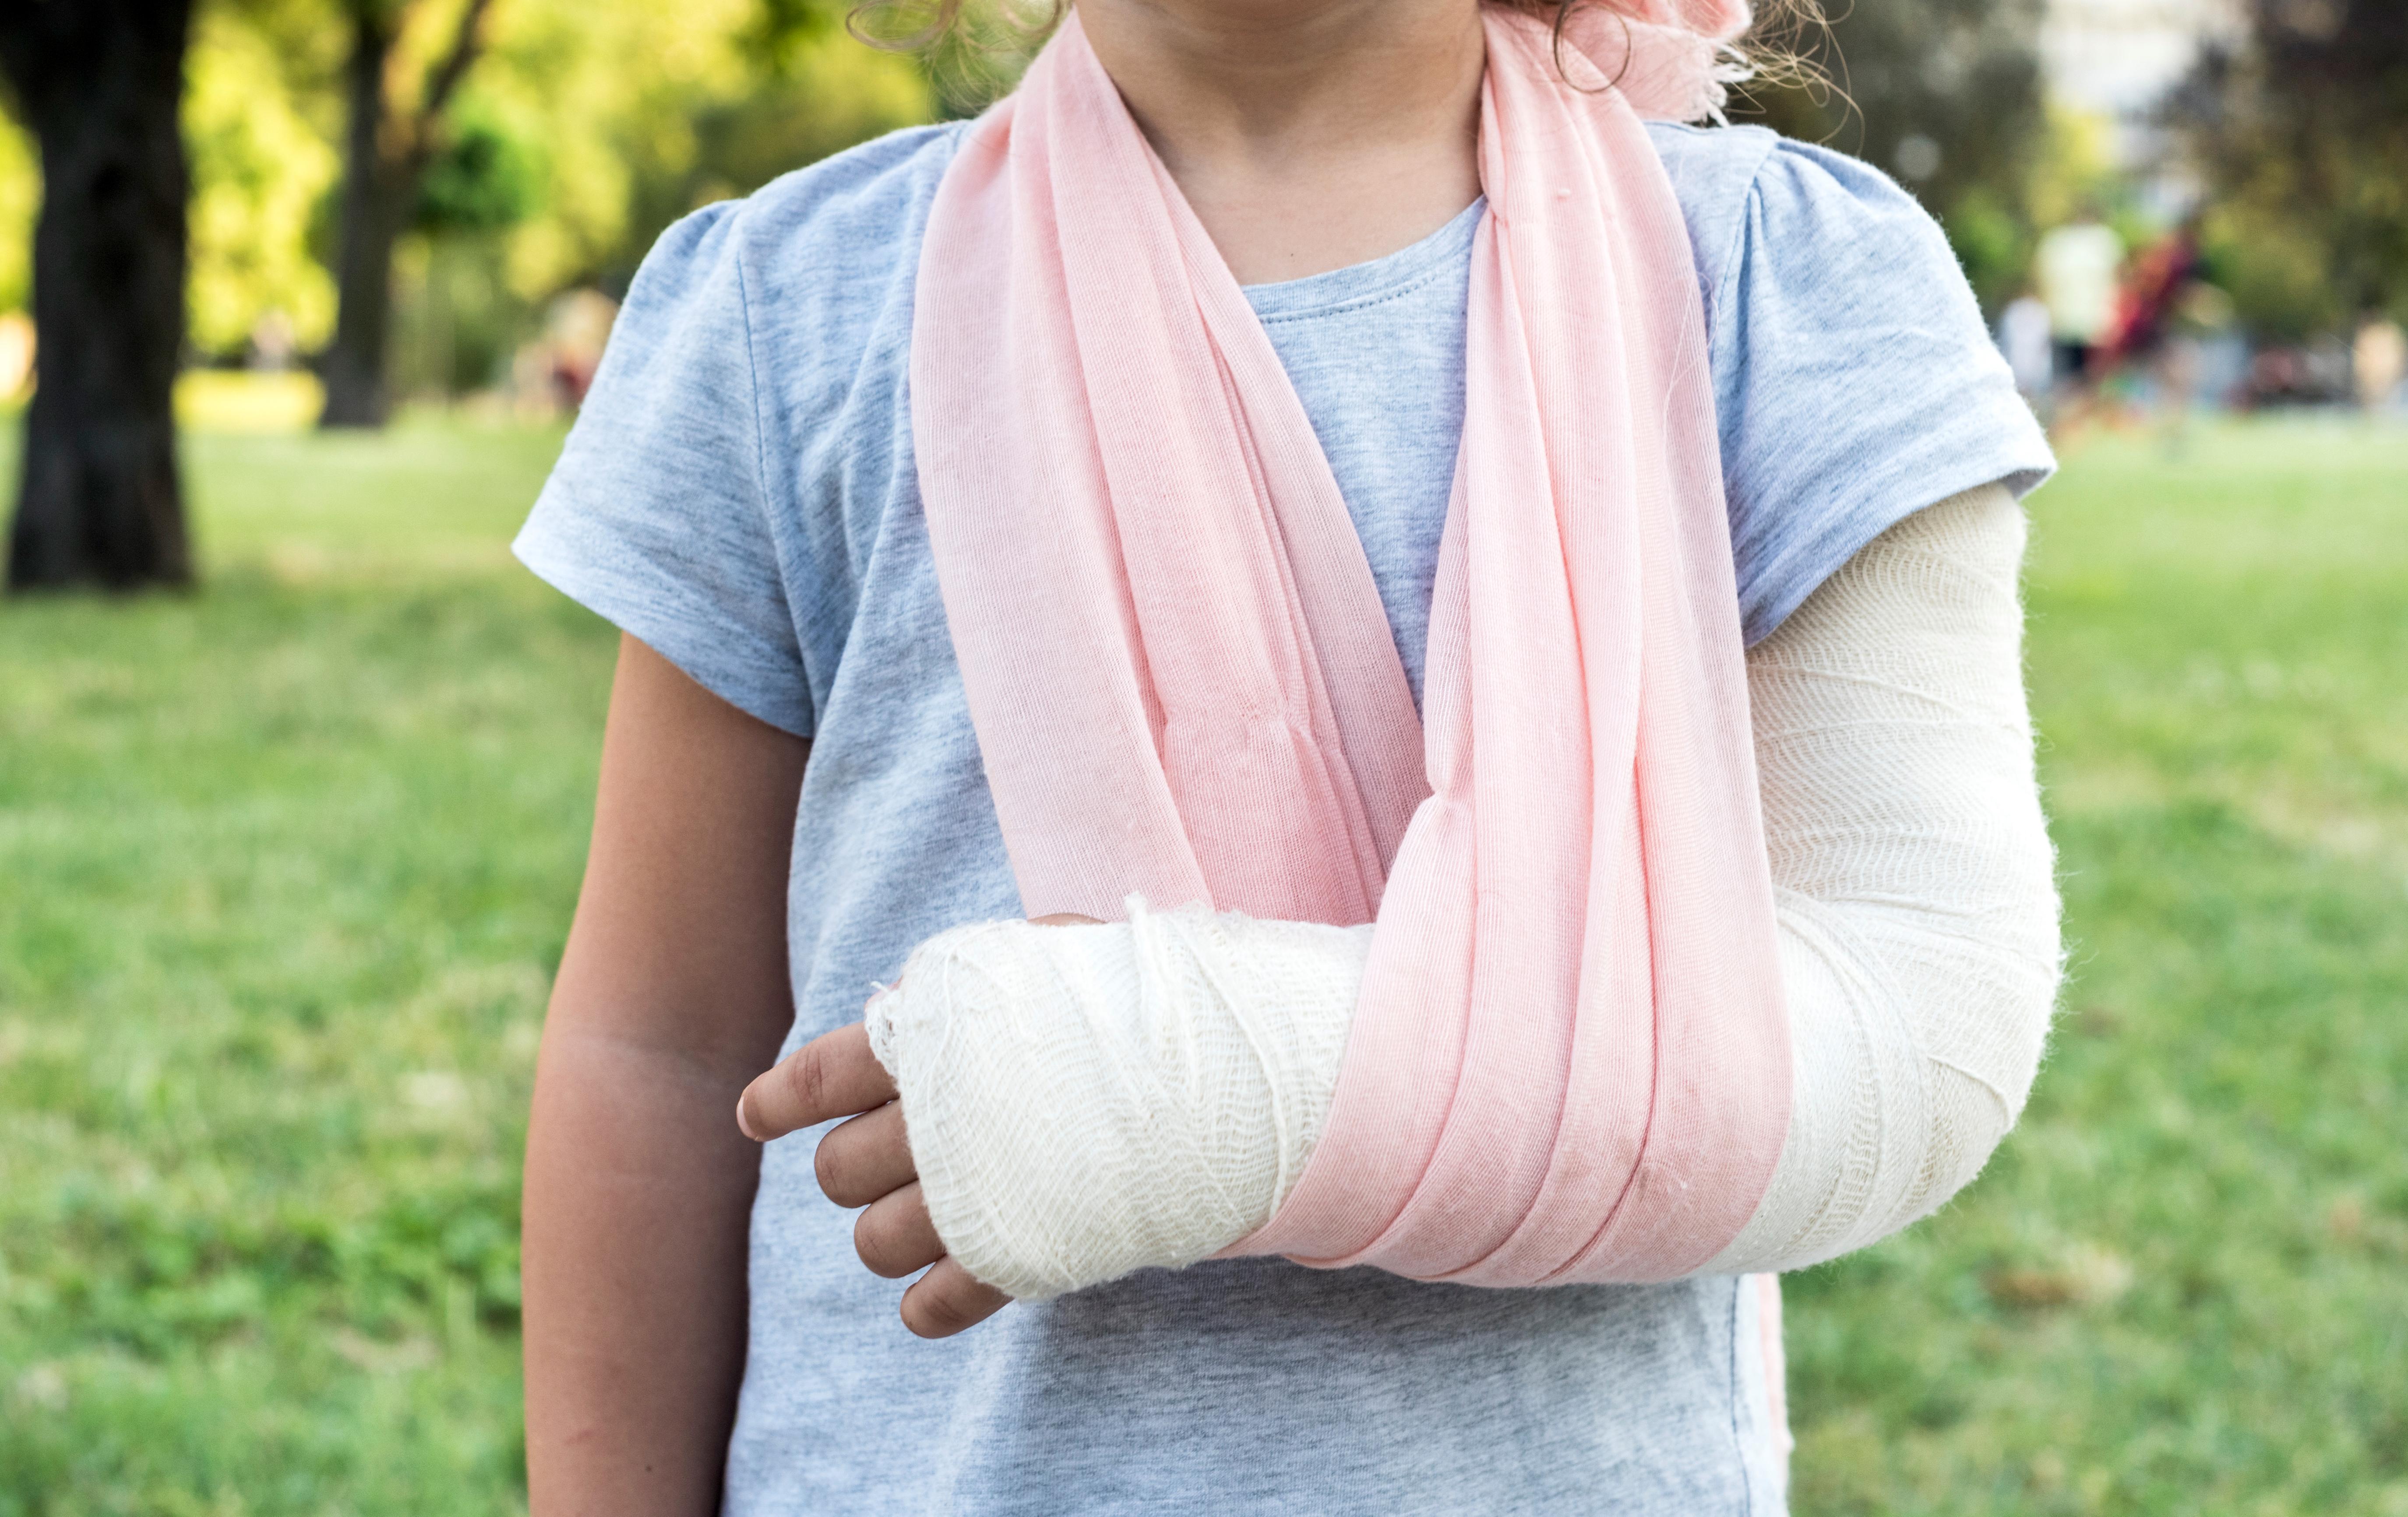 Bones broken; fractured